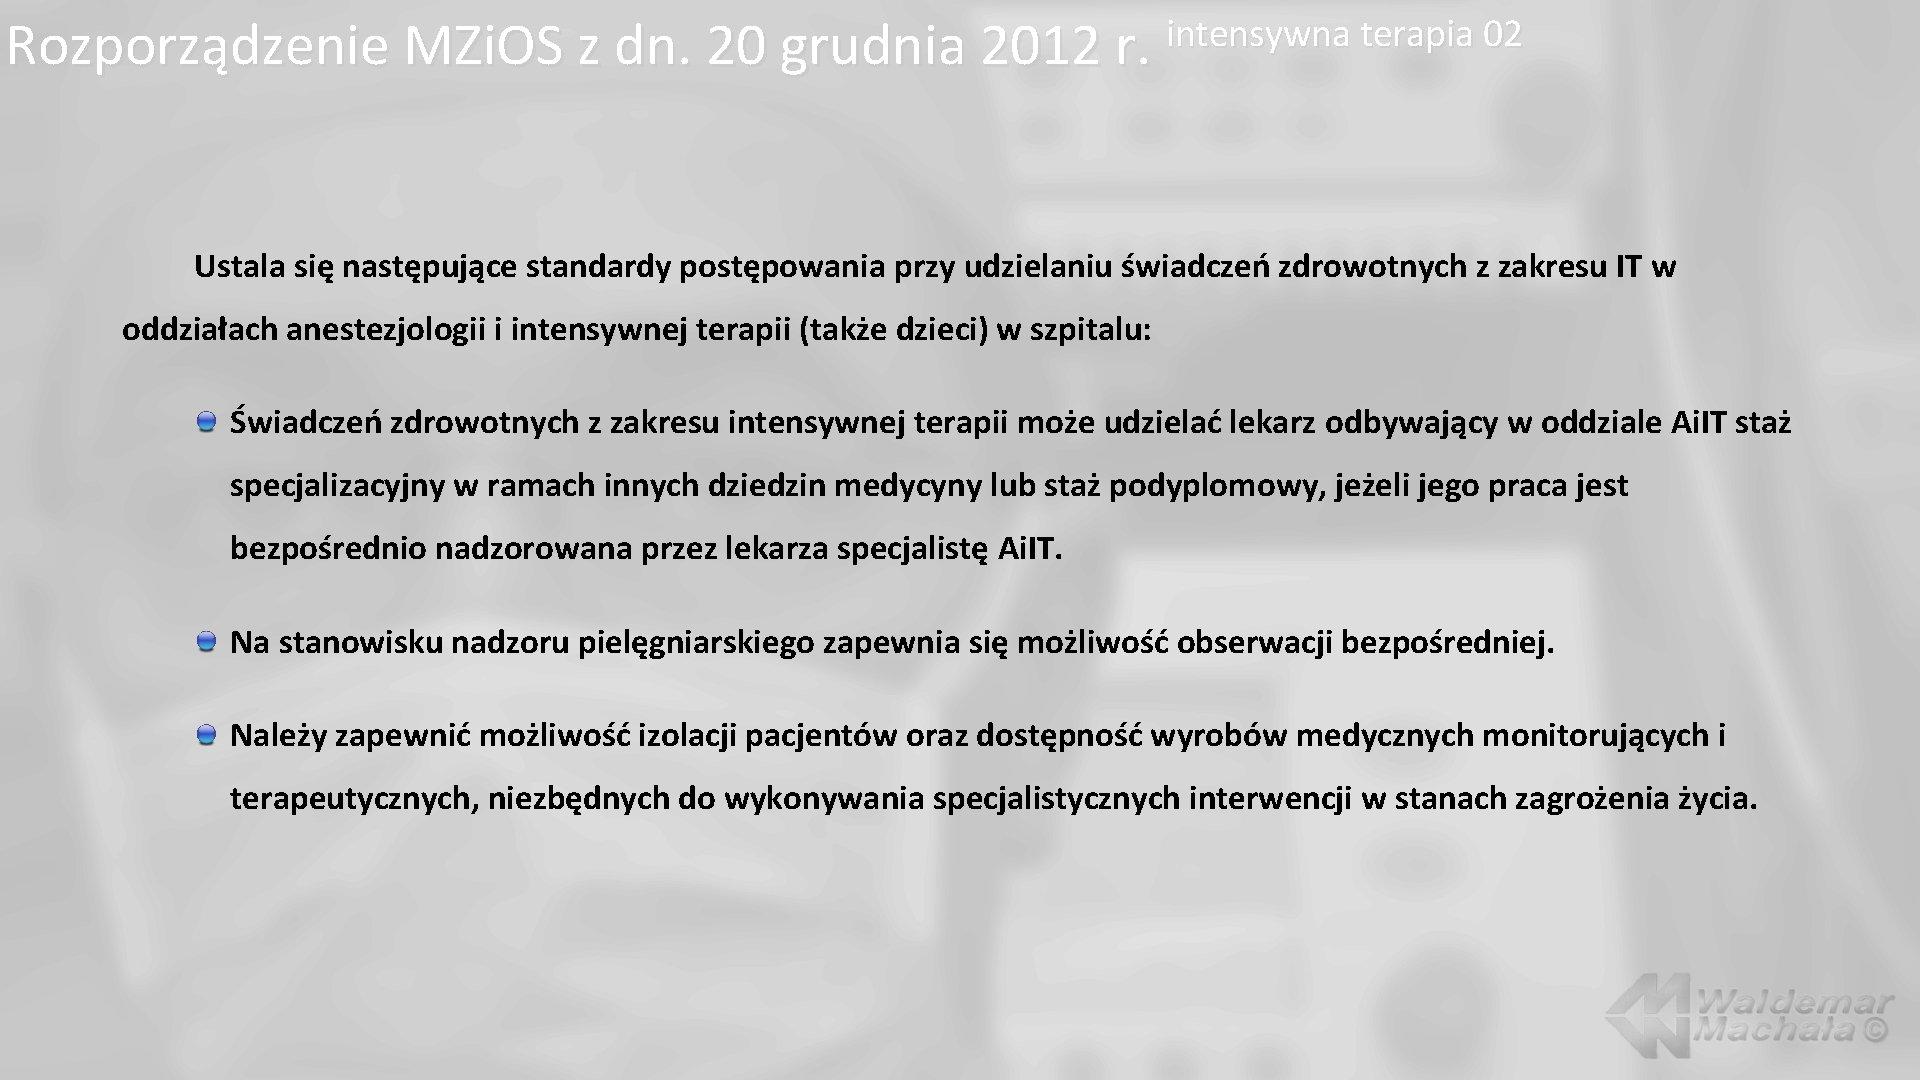 Rozporządzenie MZi. OS z dn. 20 grudnia 2012 r. intensywna terapia 02 Ustala się